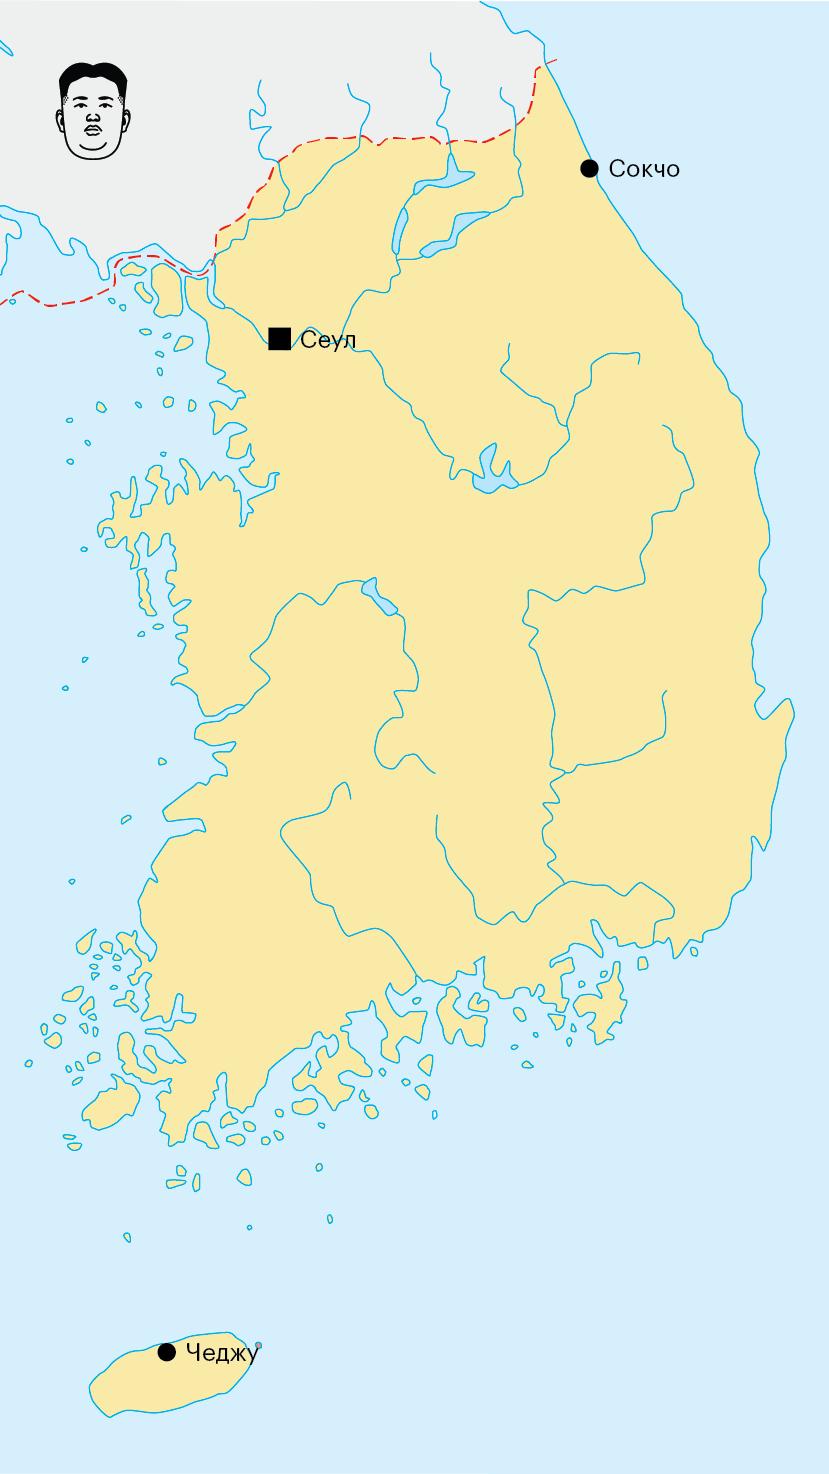 Наш маршрут по Южной Корее: Сеул — Чеджу — Сеул — Сокчо — Сеул. Кстати, в Южной Корее не работают «Гугл-карты». Есть версия, что таким образом южане скрываются от соседей из Северной Кореи